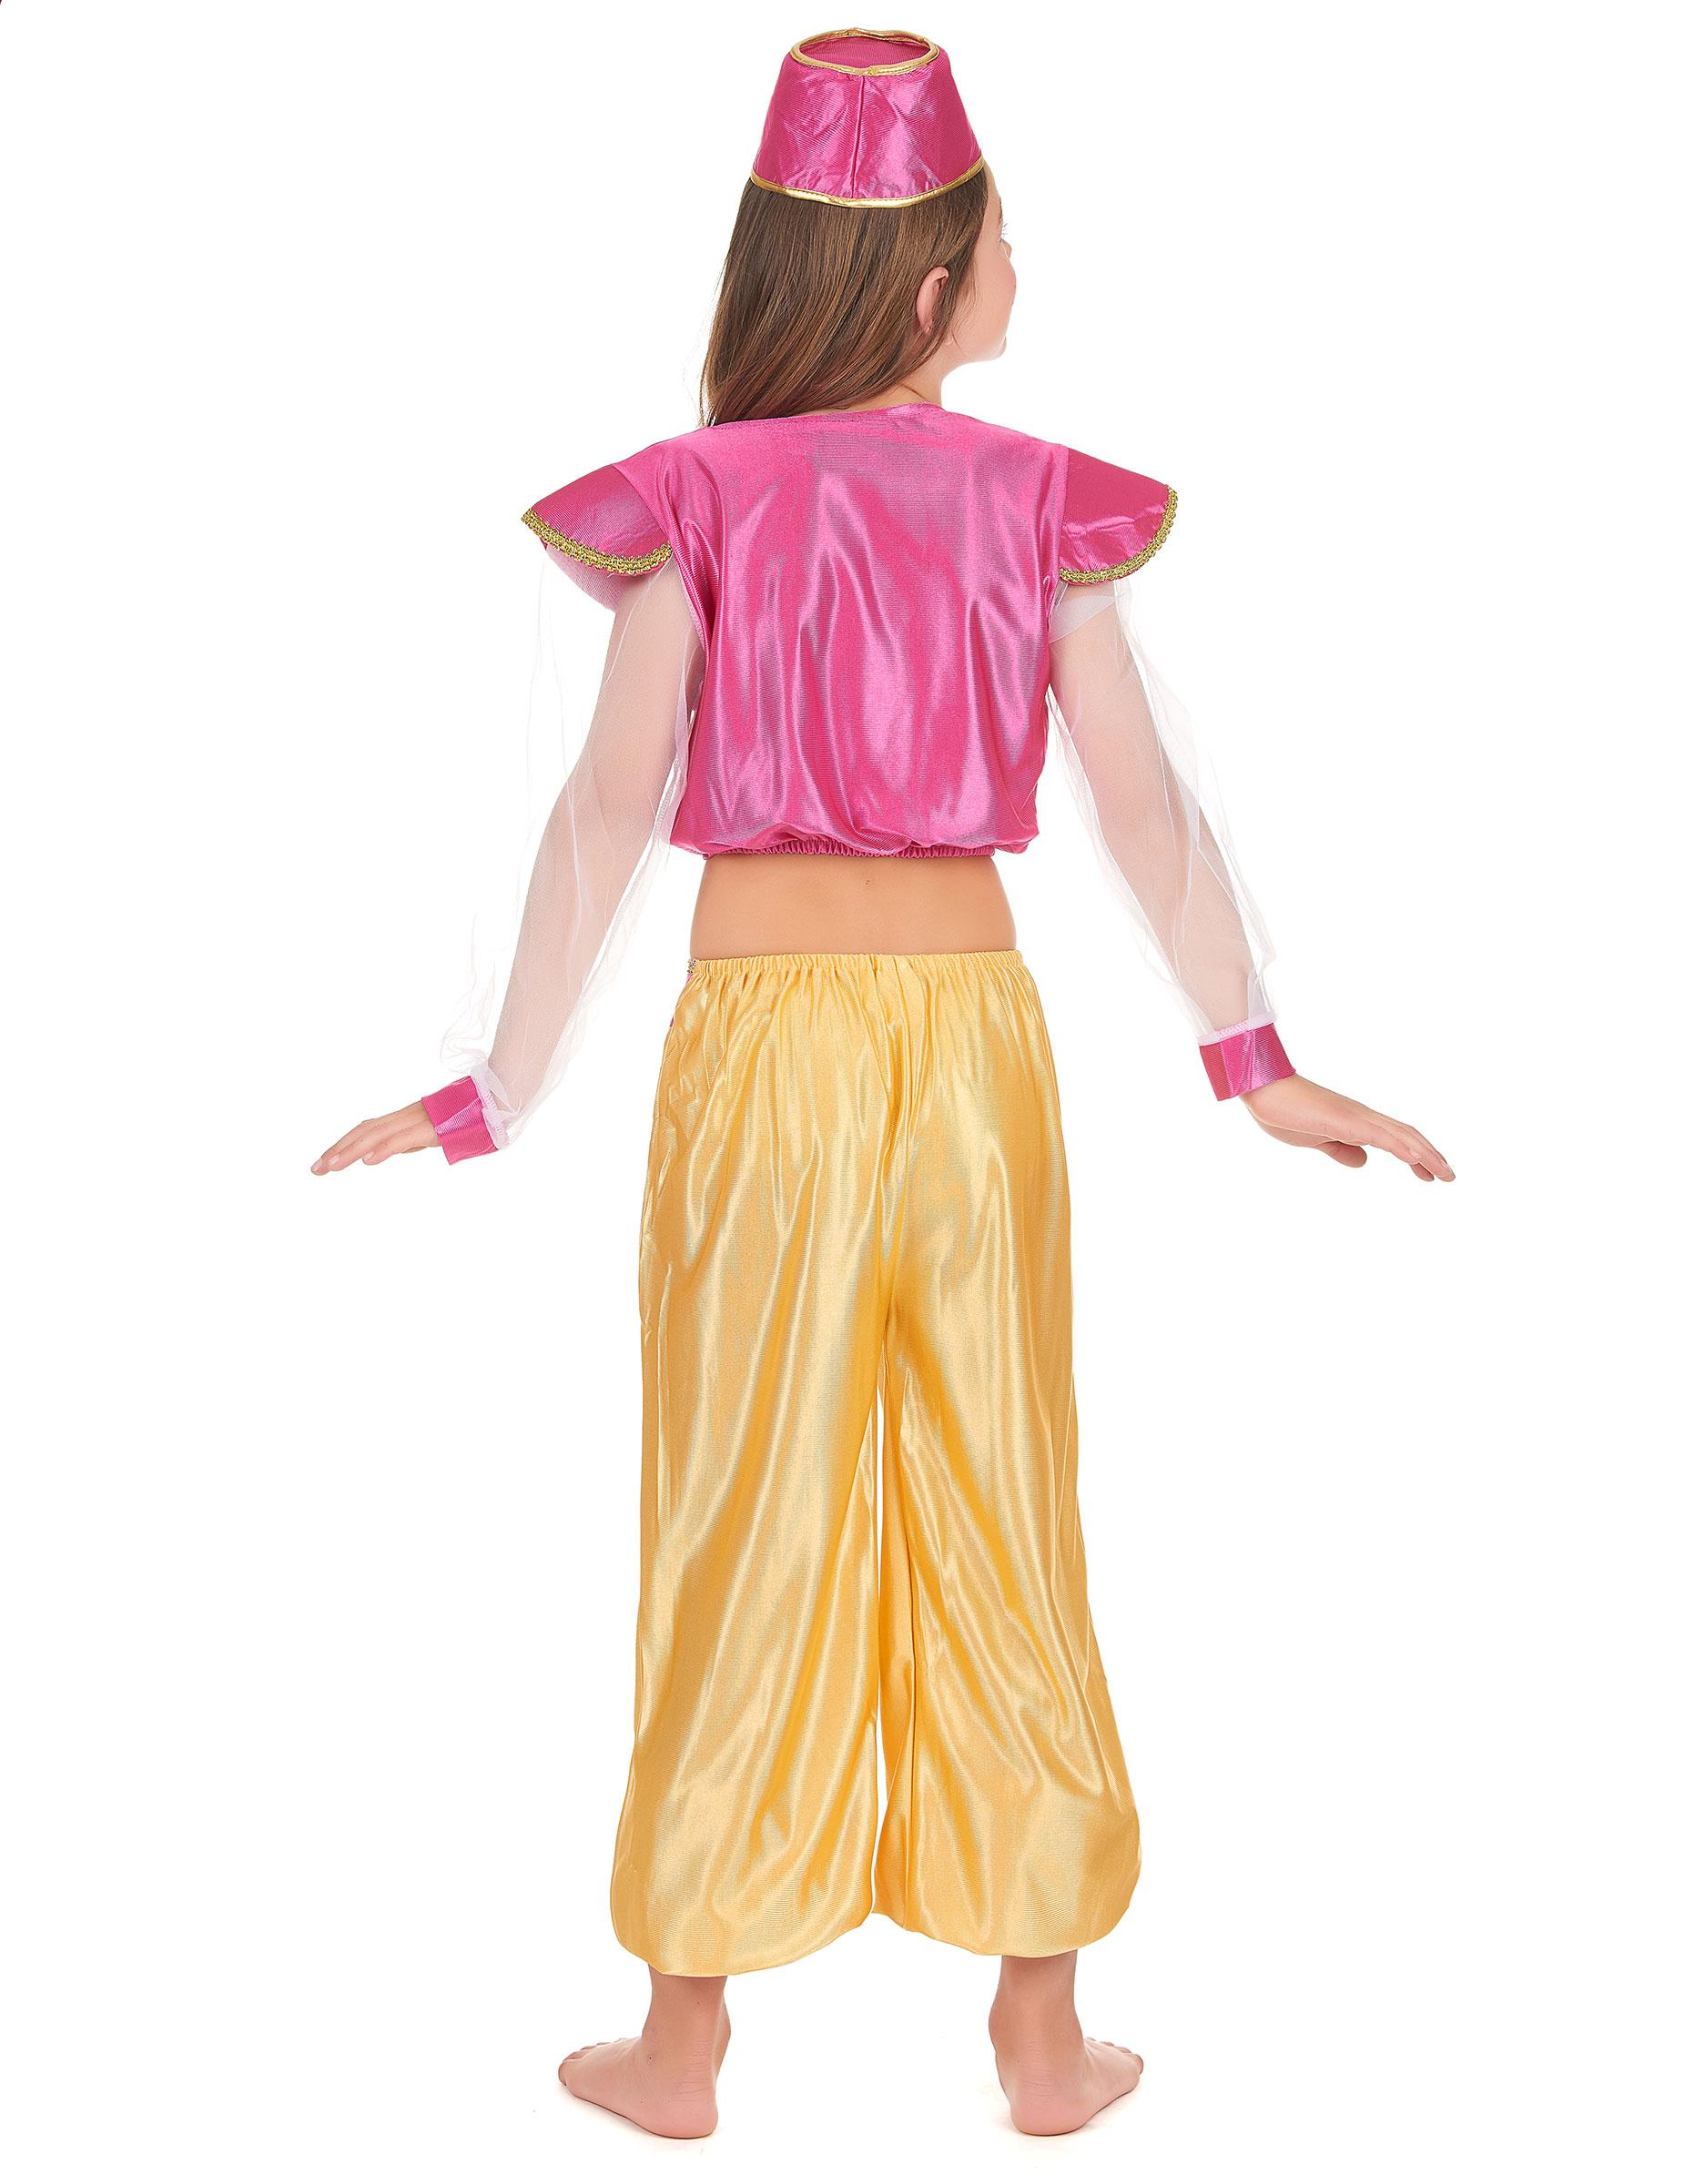 d guisement danseuse orientale luxe fille achat de d guisements enfants sur vegaoopro. Black Bedroom Furniture Sets. Home Design Ideas